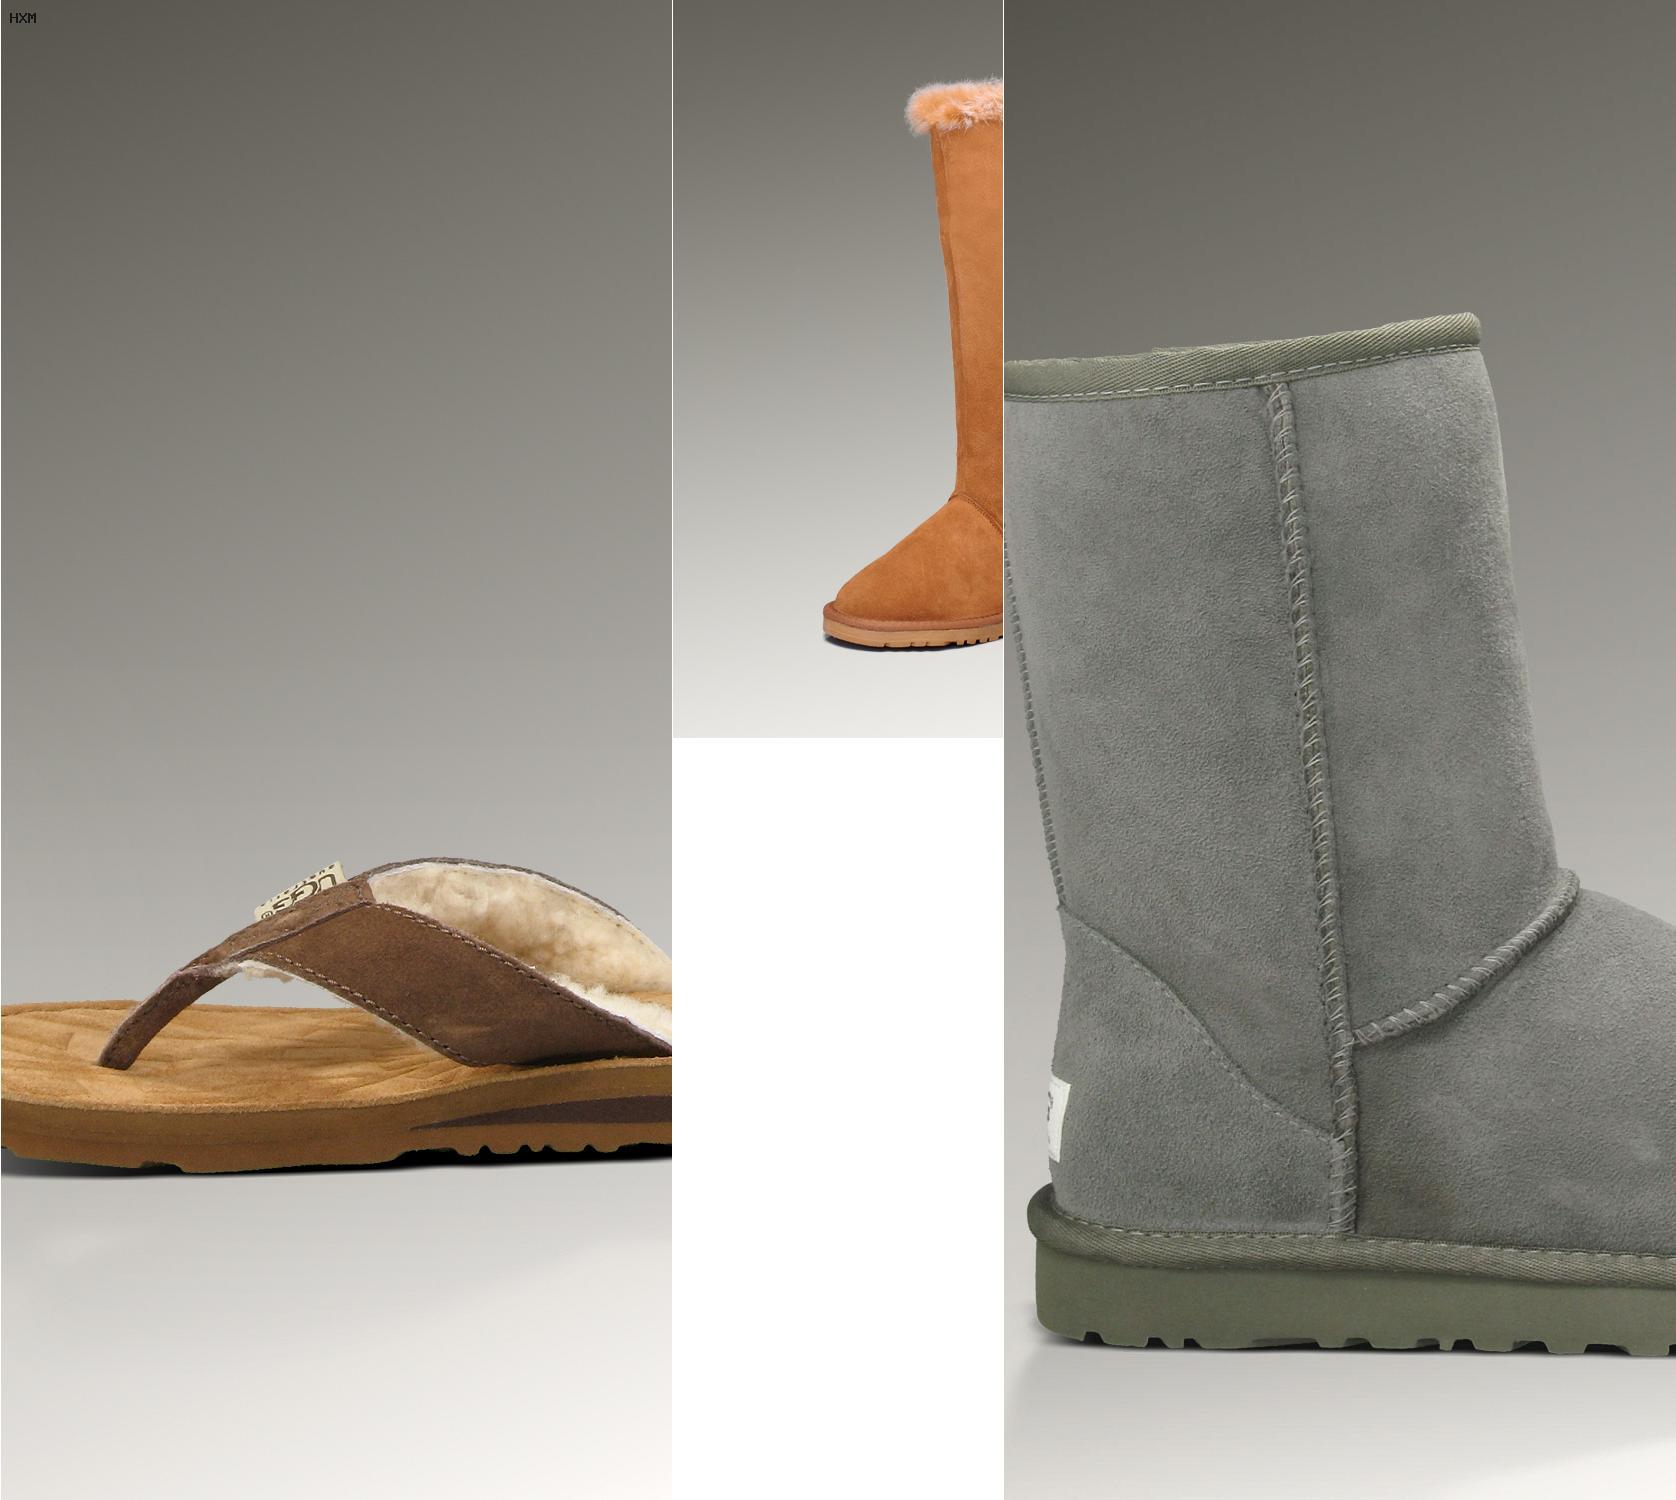 comprar botas tipo ugg online